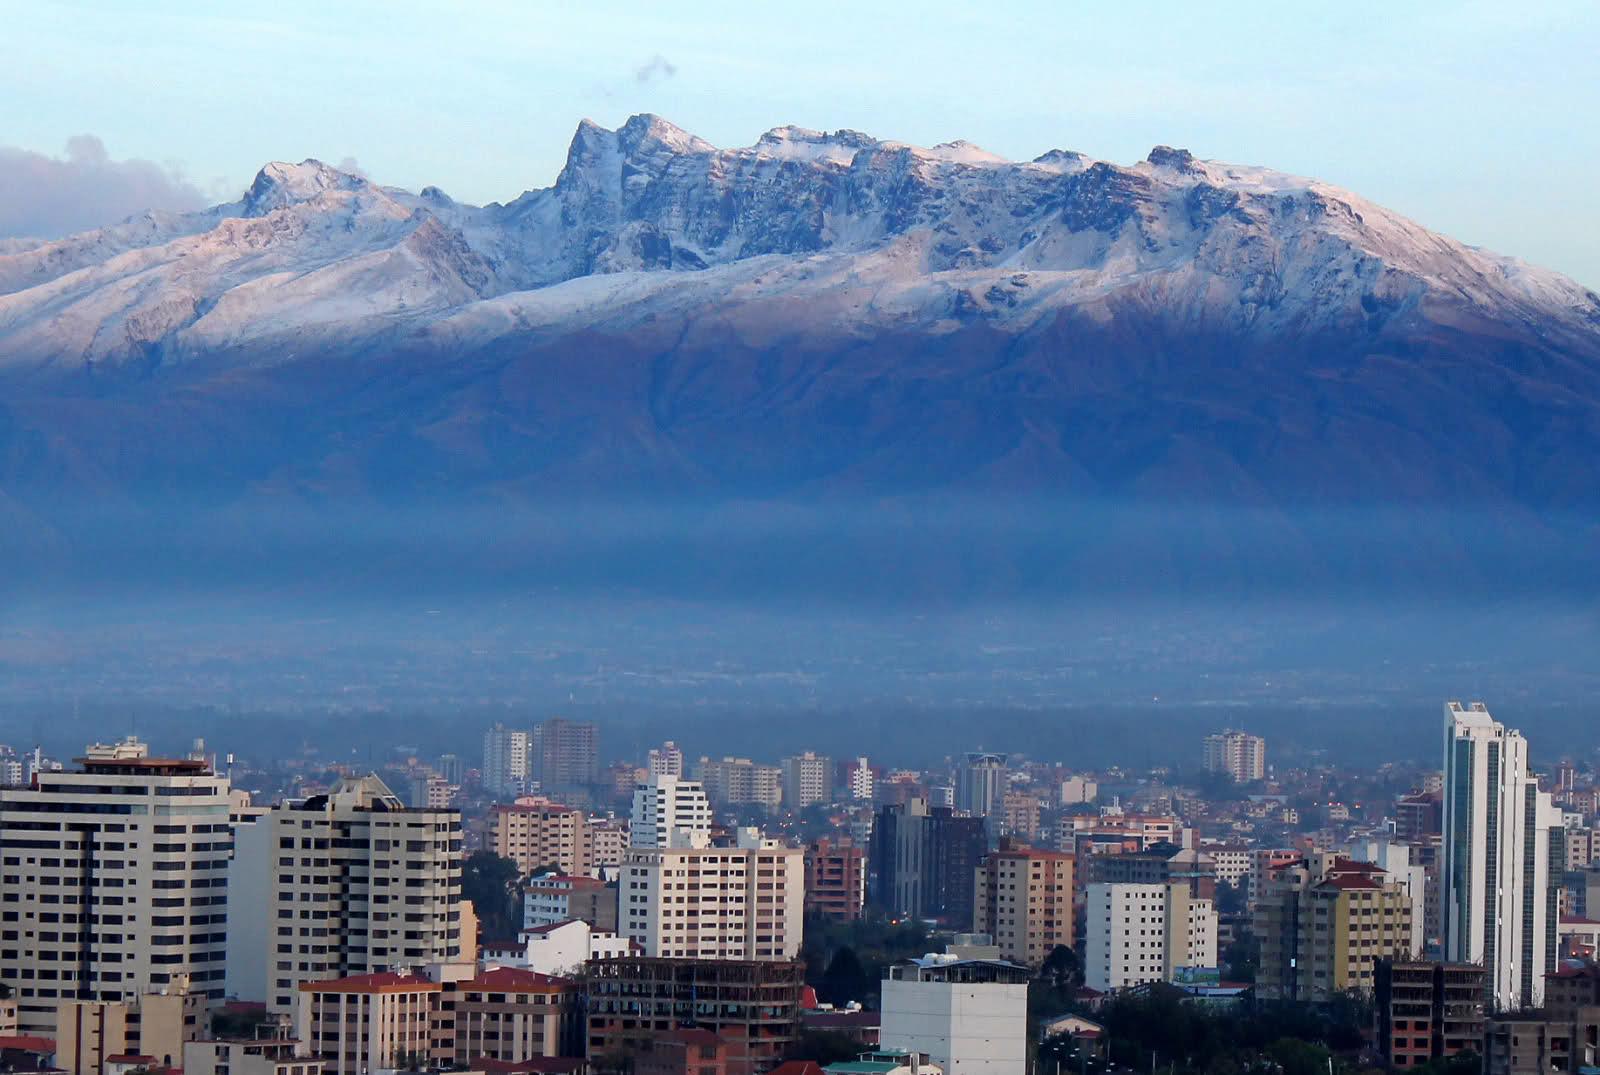 El anuncio es una excelente noticia para la ciudad de Cochabamba / Foto: Cochalomayer